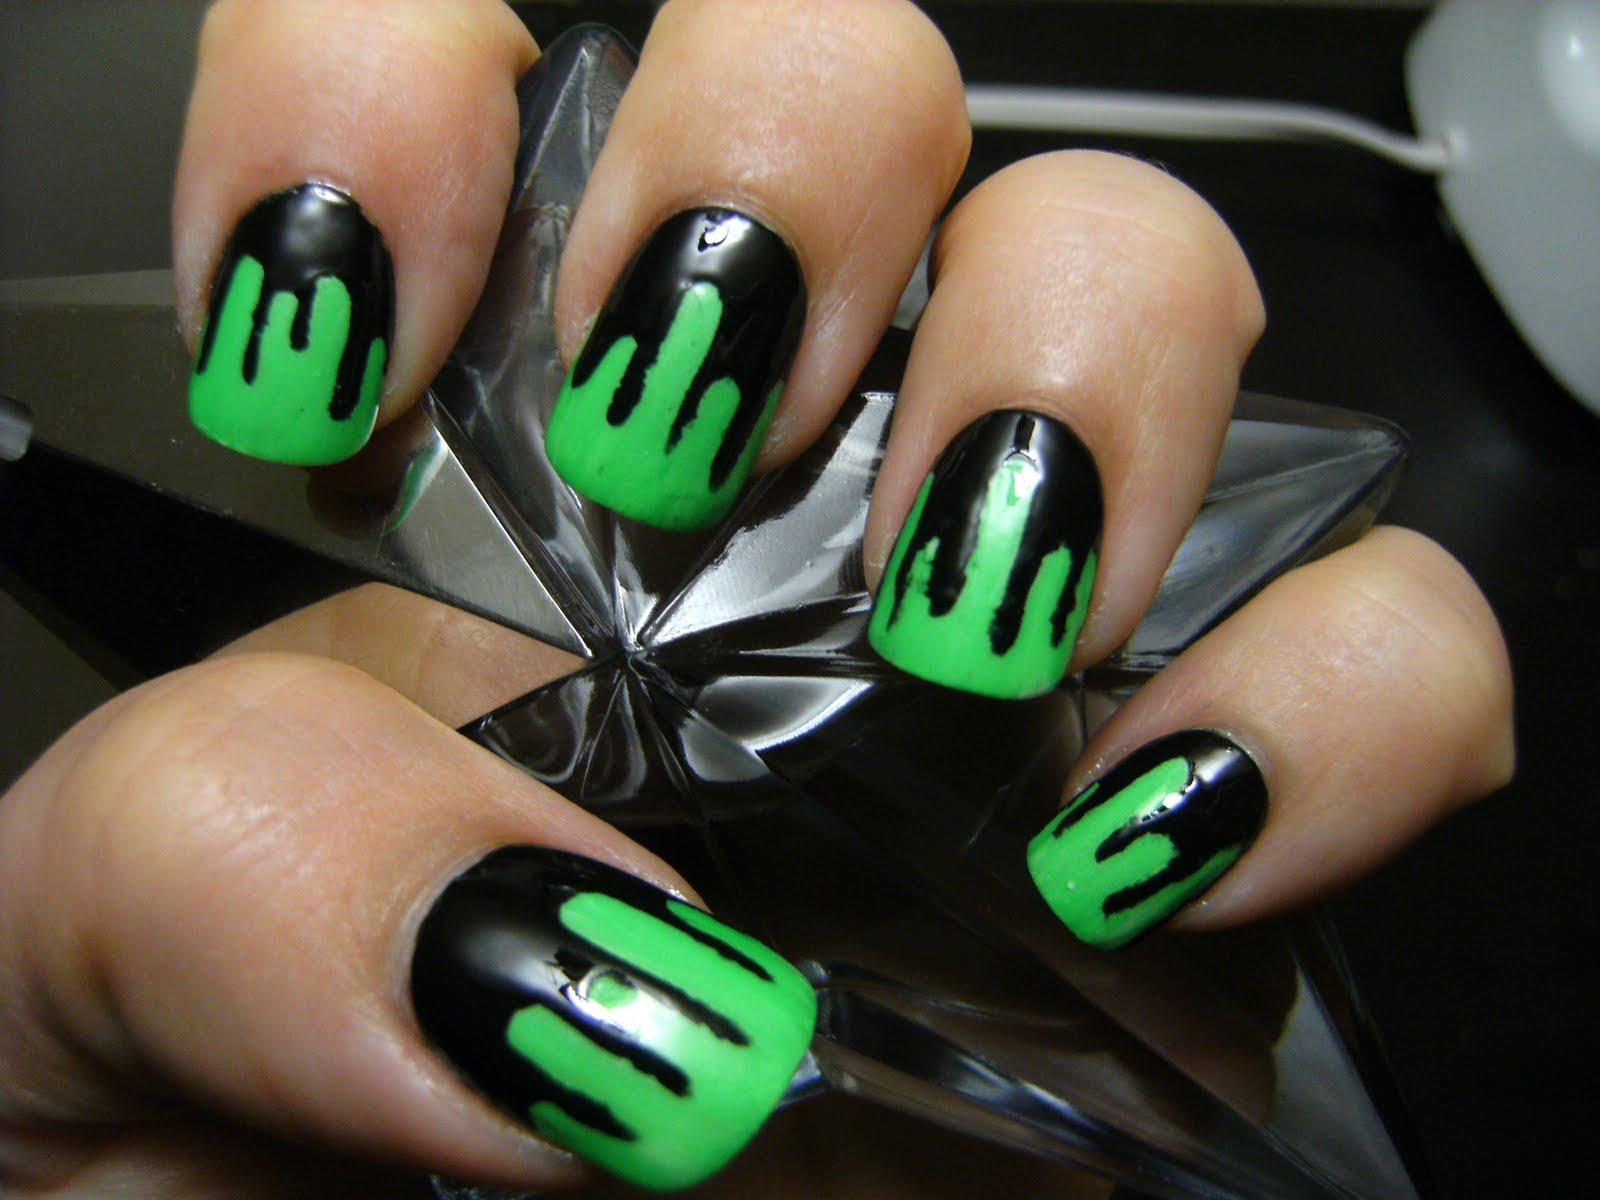 10 halloween nail ideas - Easy Cute Halloween Nail Designs